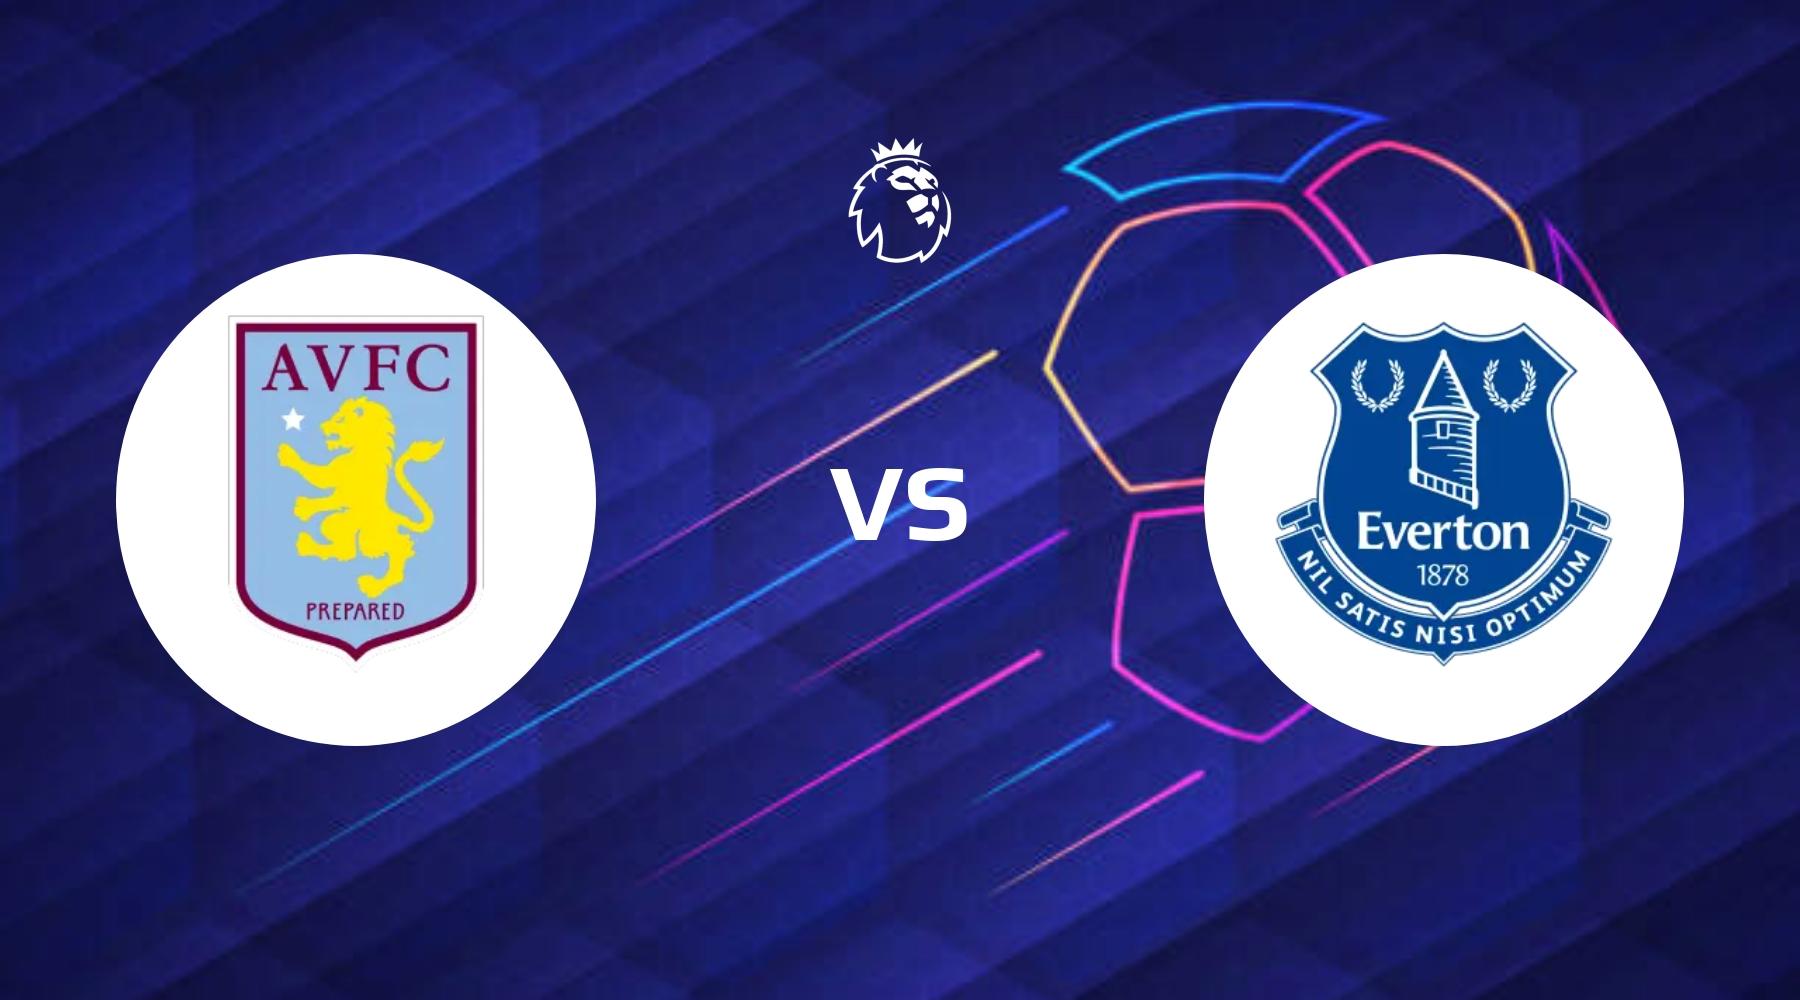 Everton på udkig efter femtepladsen når de går op imod Aston Villa